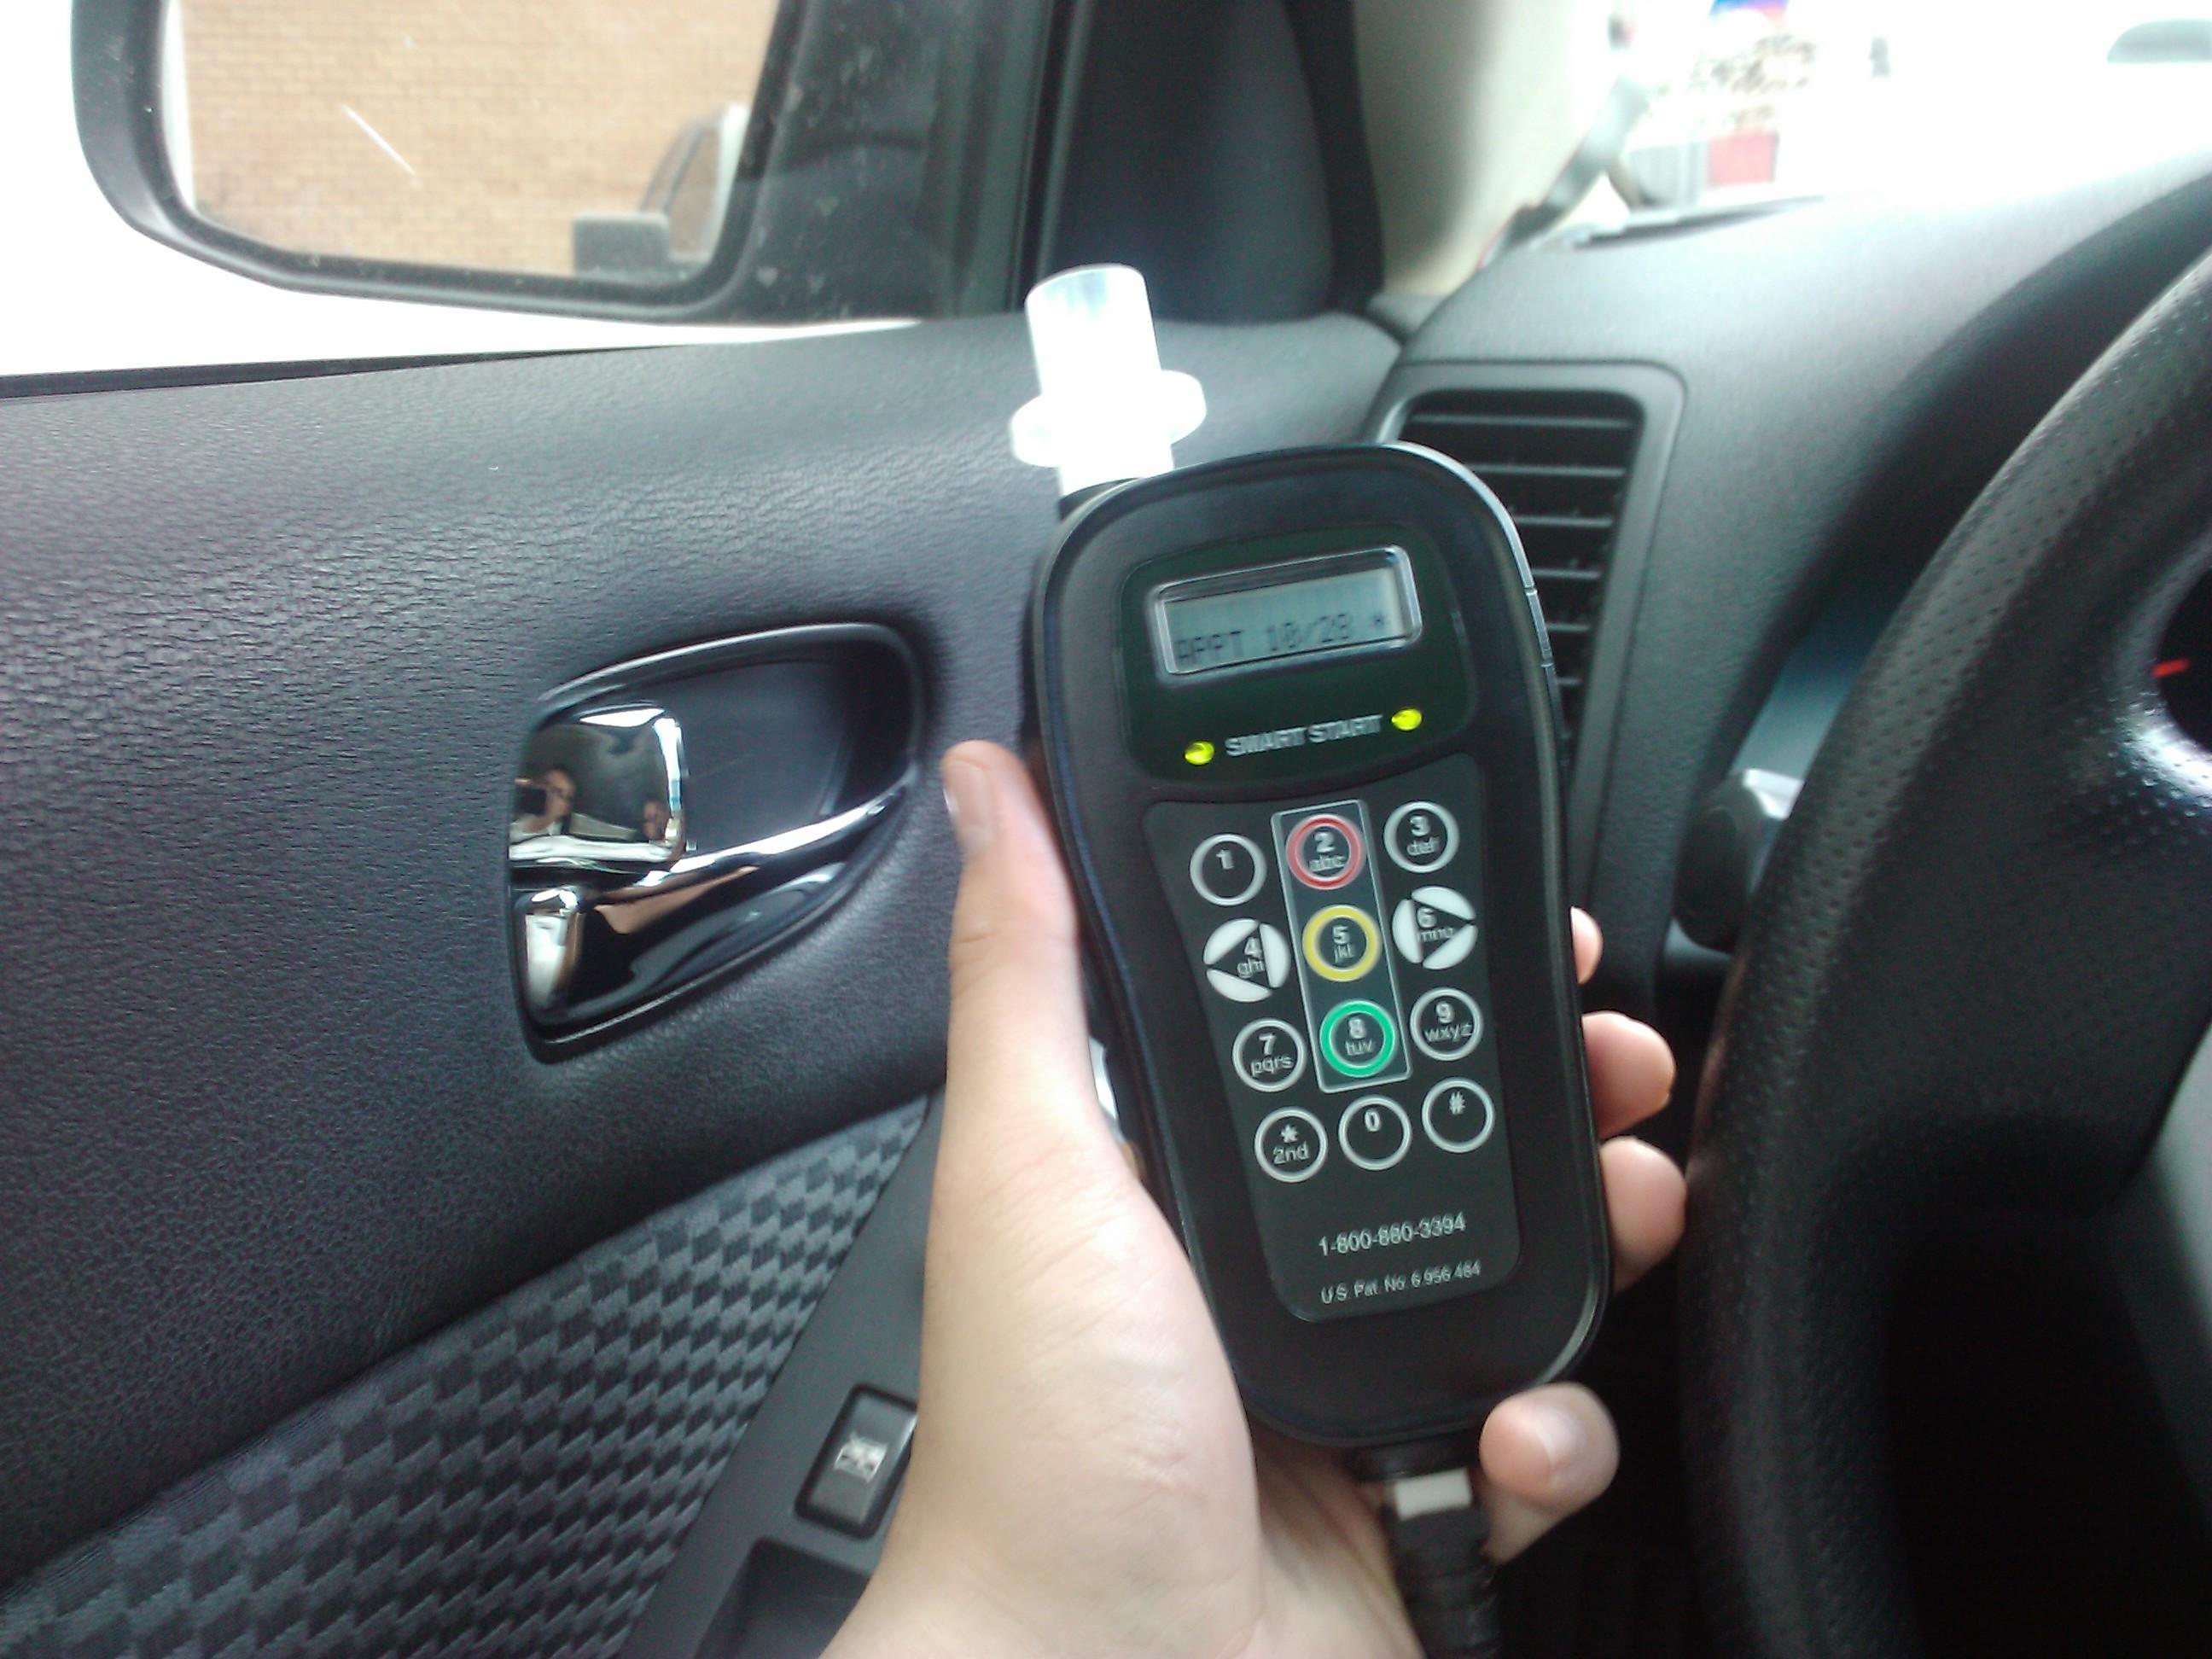 Breathalyzer For Car >> Breathalyzer In Car